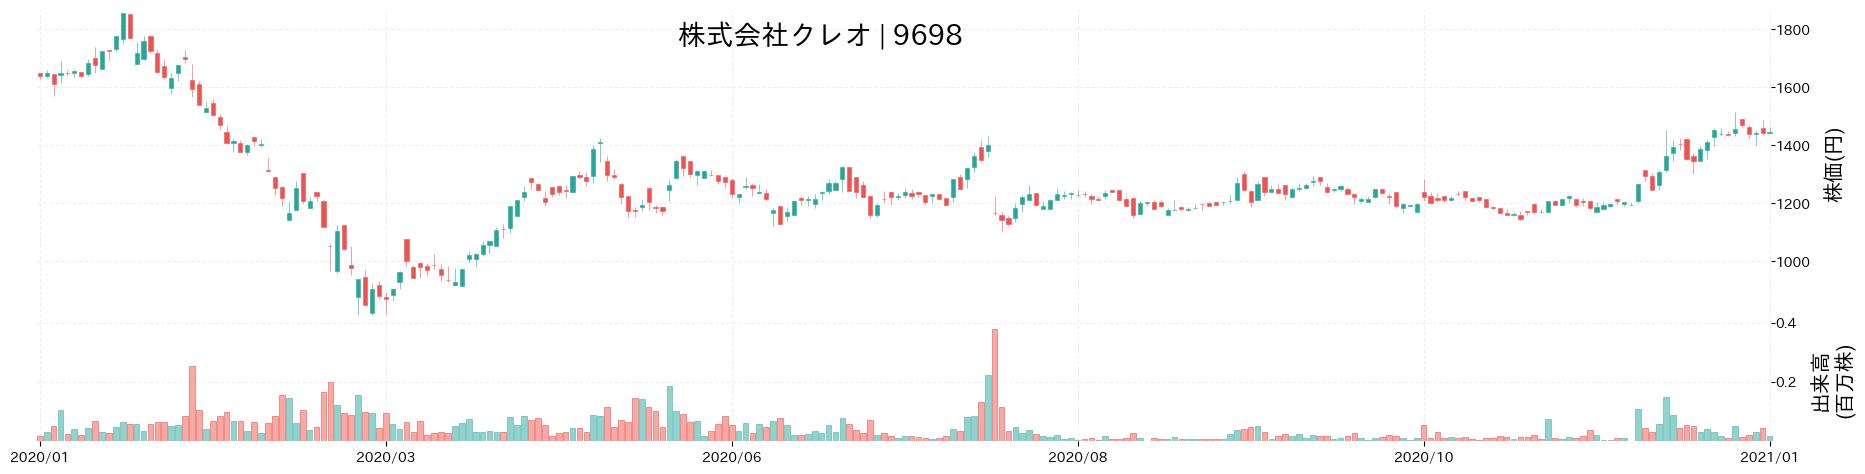 株式会社クレオの株価推移(2020)